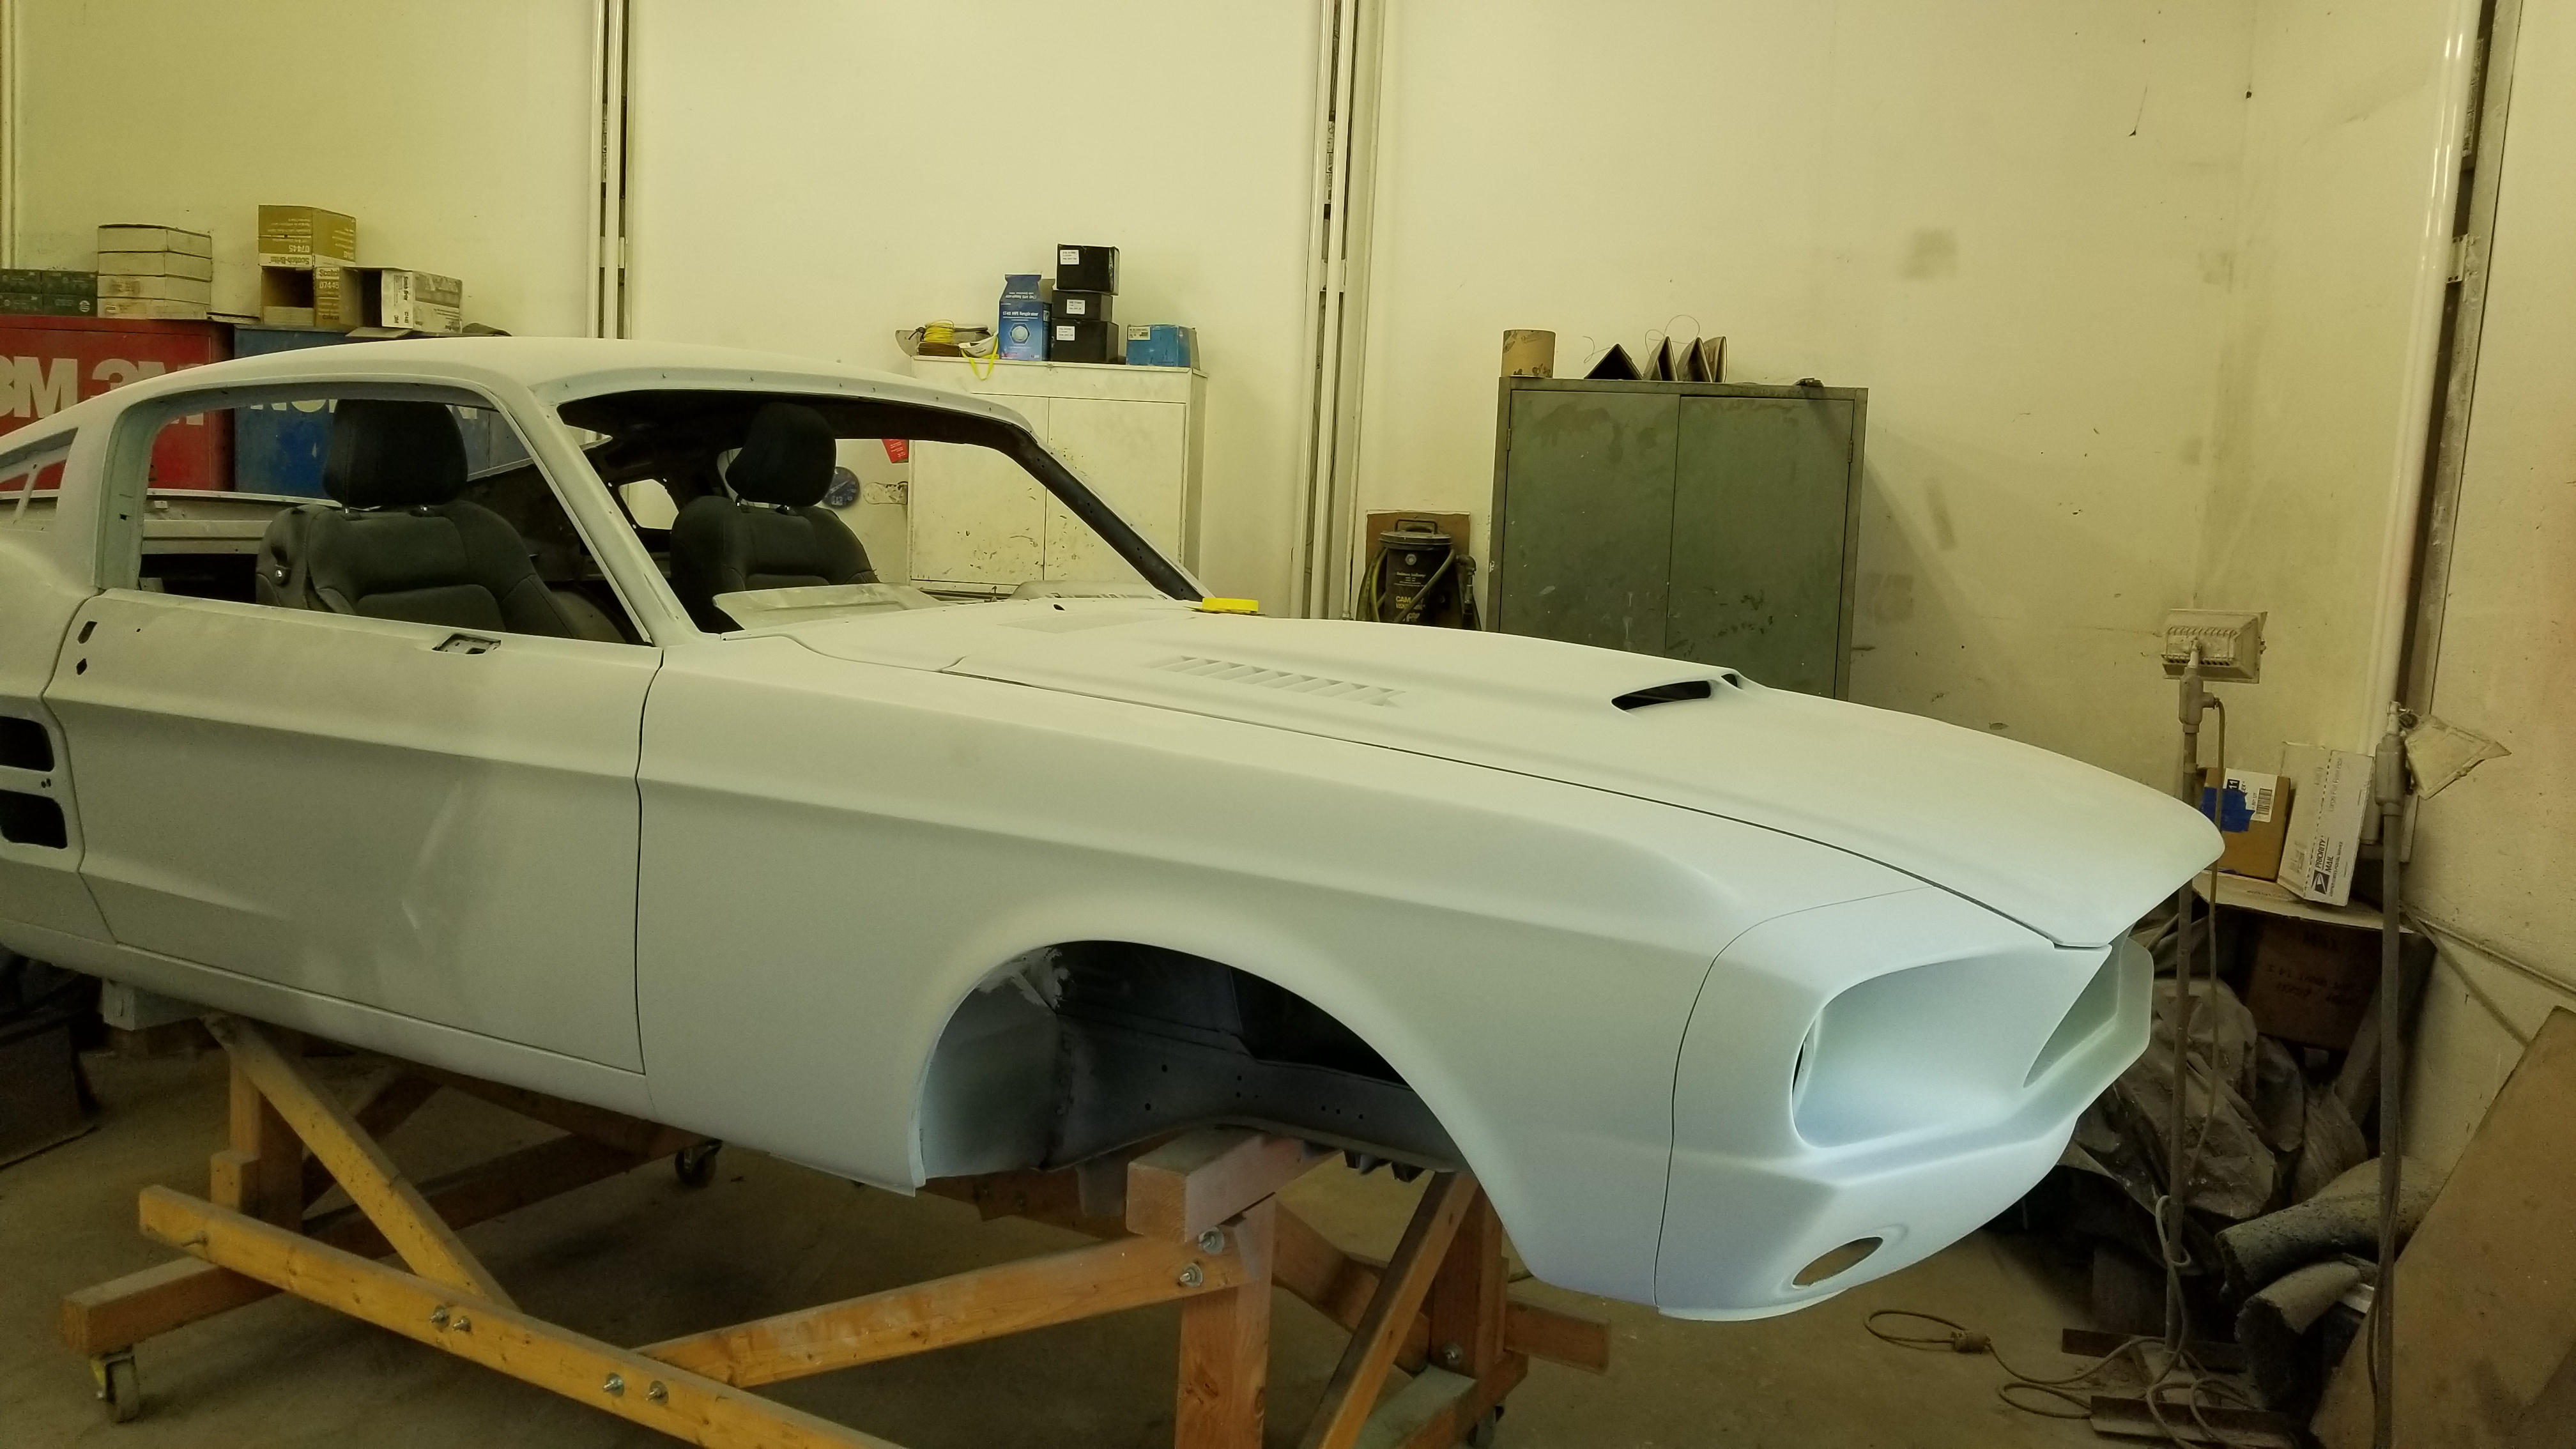 1967 Ford Mustang Restoration